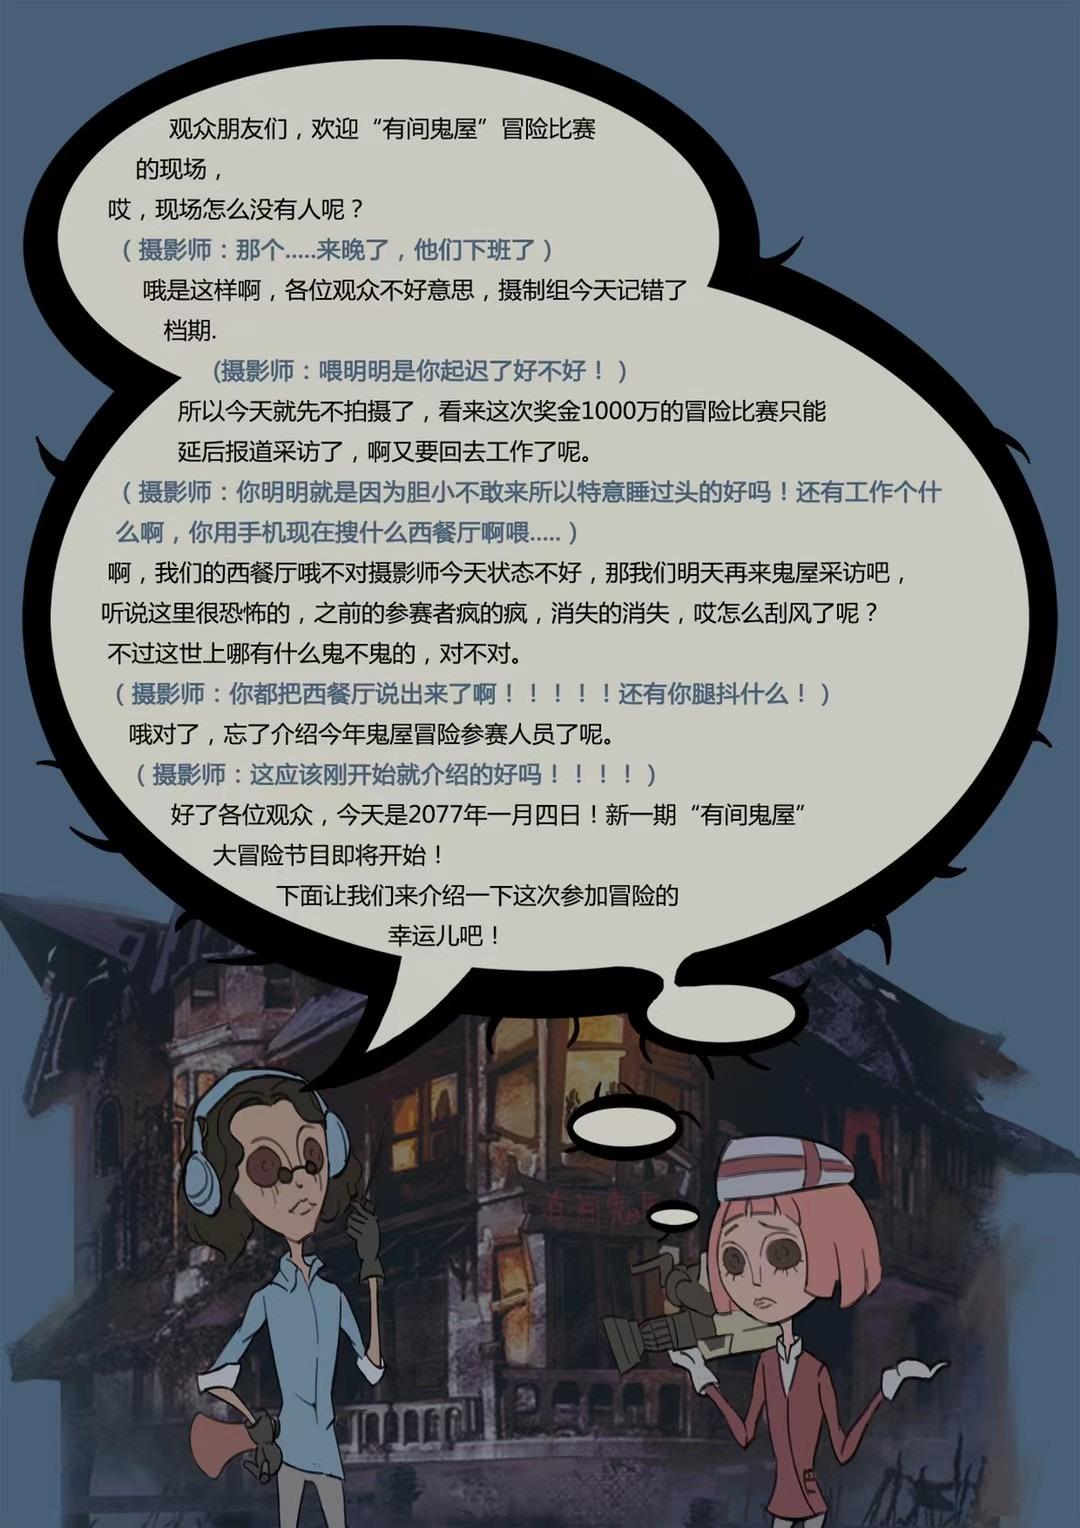 『有间鬼屋大冒险』剧本杀复盘/答案揭秘/案件解析/故事结局真相